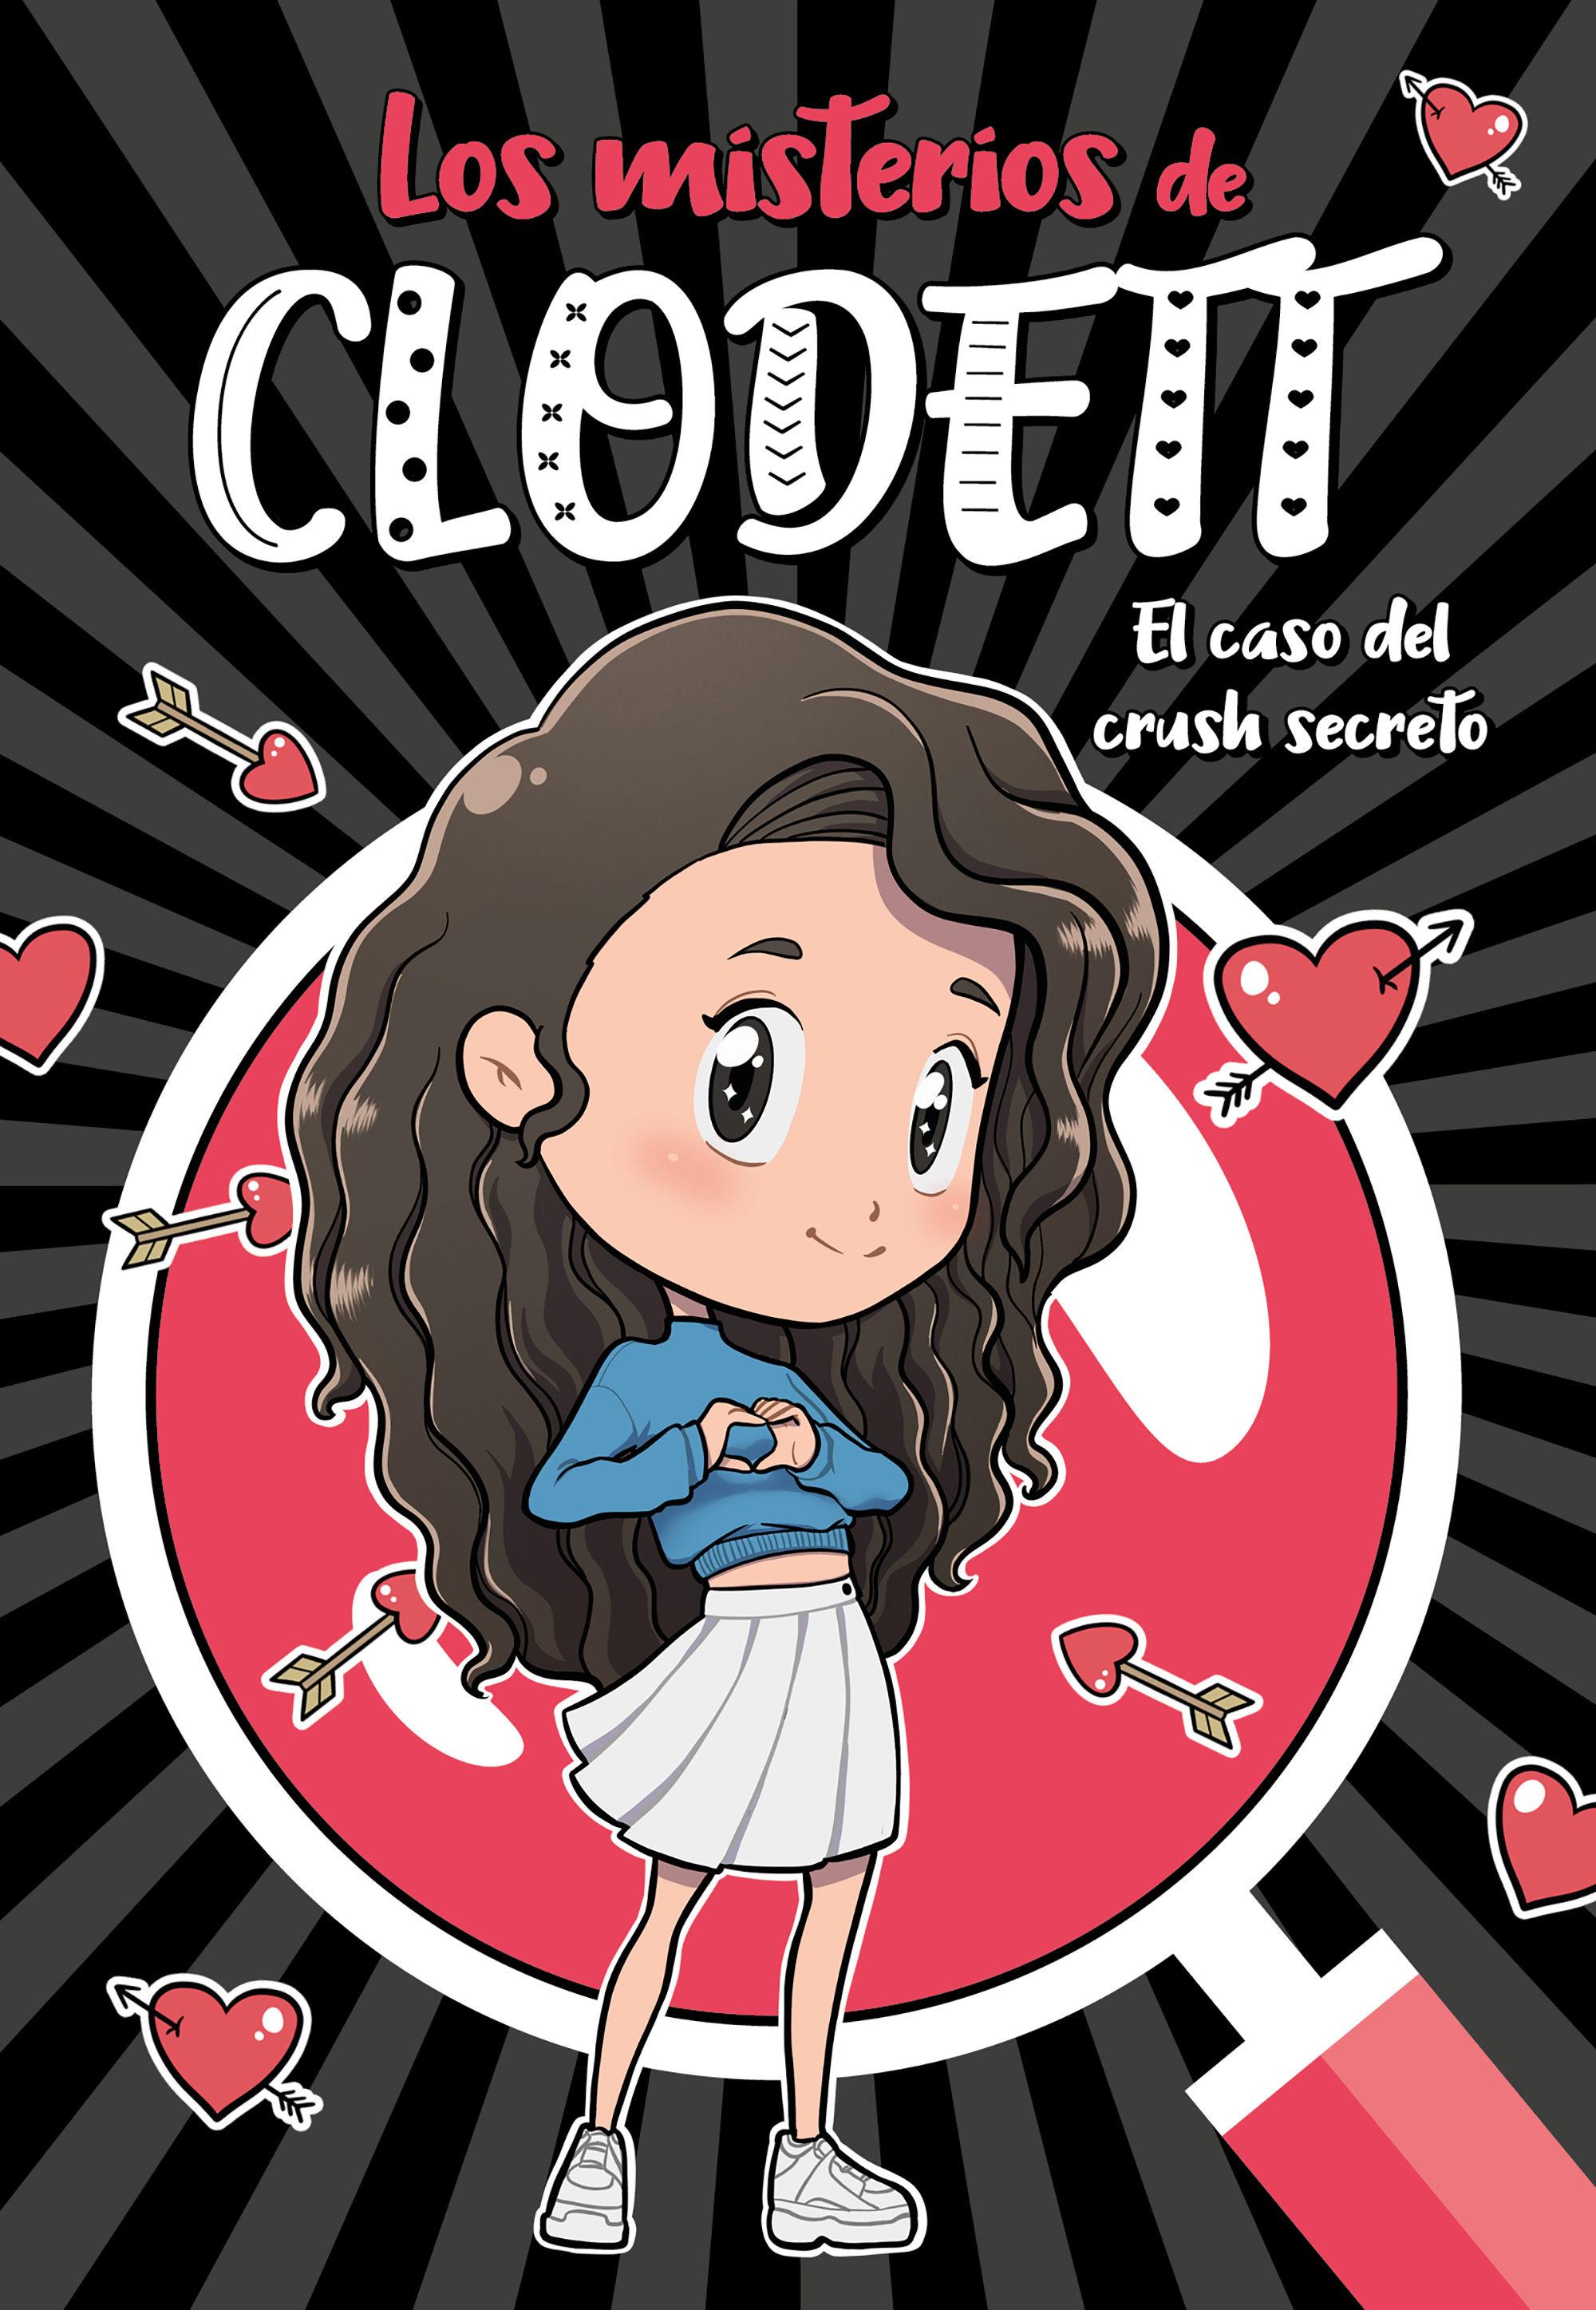 MISTERIOS DE CLODETT 2 EL CASO DEL CRUSH SECRETO LOS